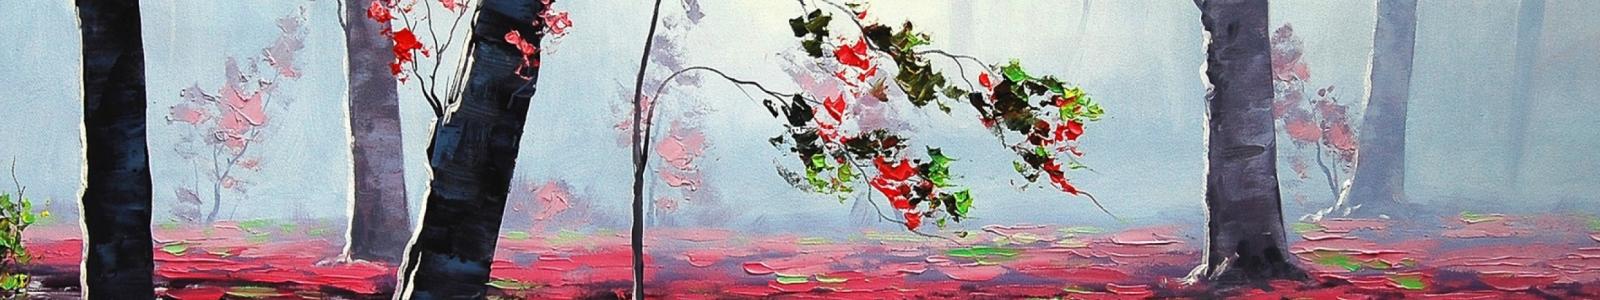 Gallery Artist Fayoz Nasritdinov